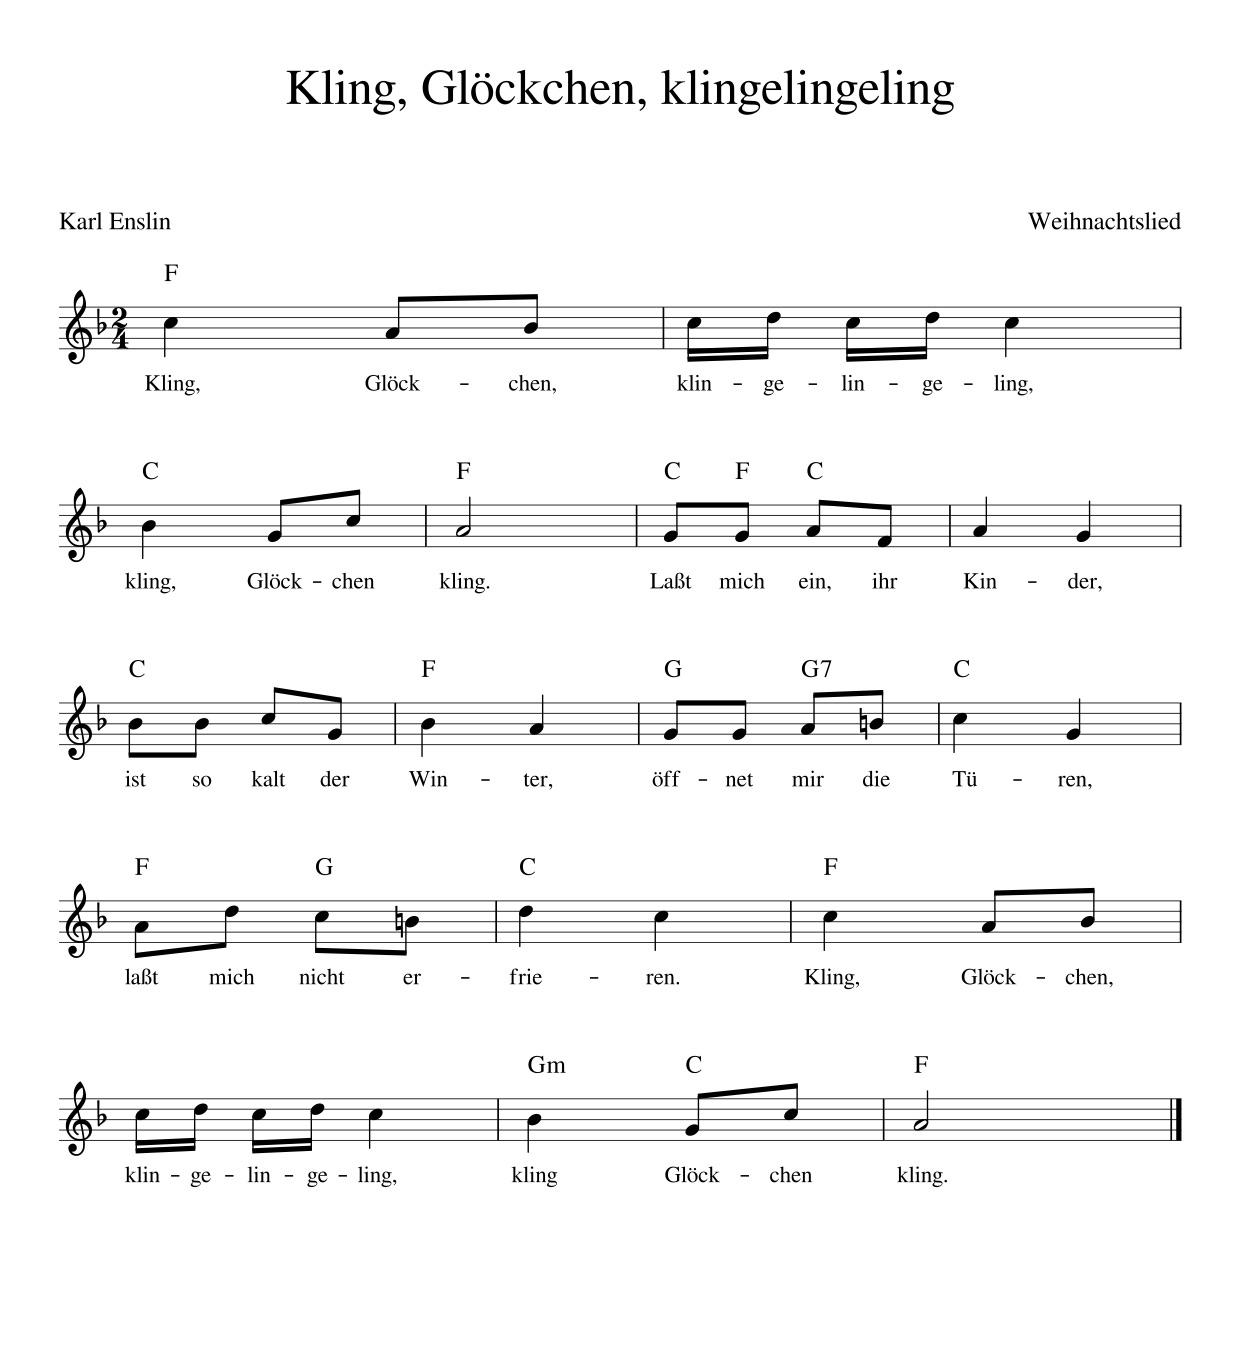 Kling Glöckchen Klingelingeling - Kinderlieder - Noten bei Kling Glöckchen Klingelingeling Text